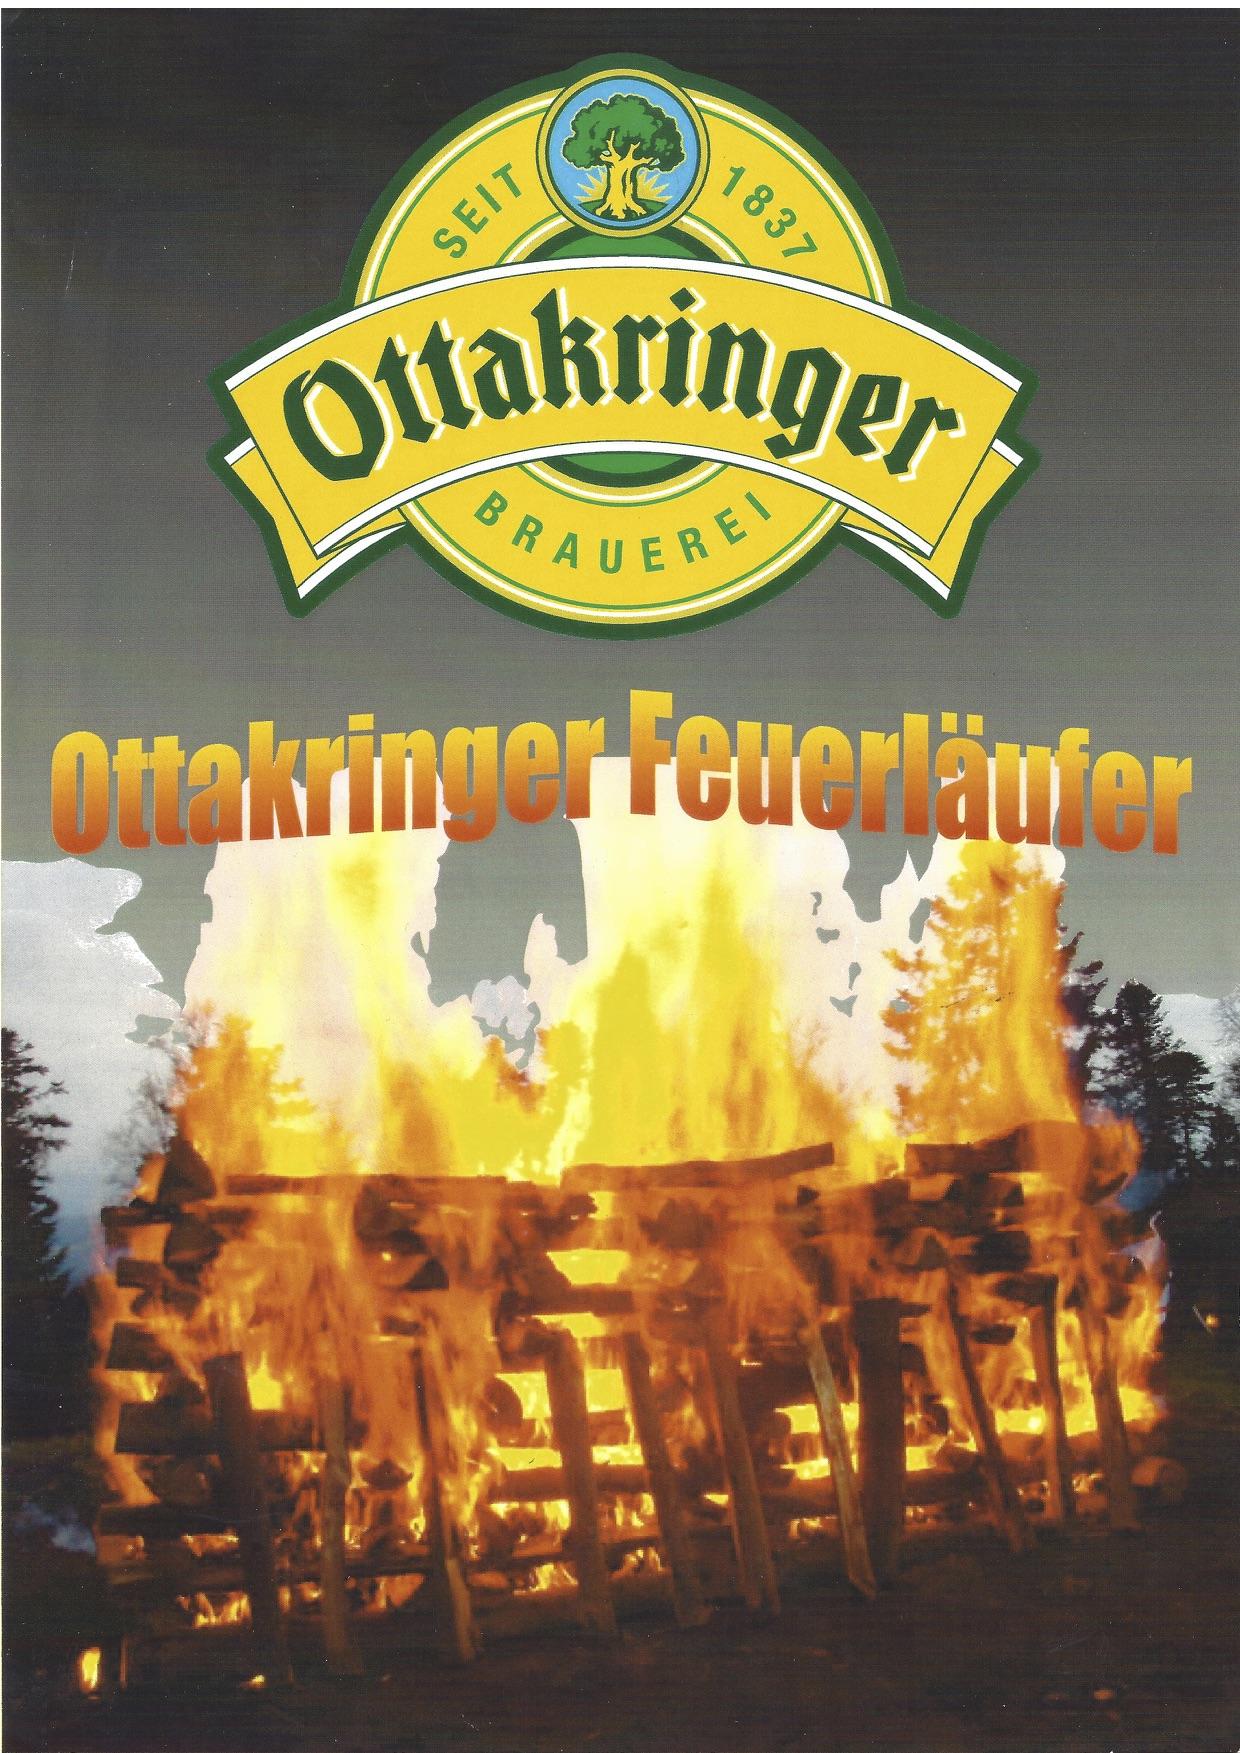 Brauerei Ottakringer läuft am 30. Jänner 2004, Barfuß über glühende Kohlen. Teambuilding und Feuerlauf mit Martin Winkelhofer, www.feuerlauf-seminar.at